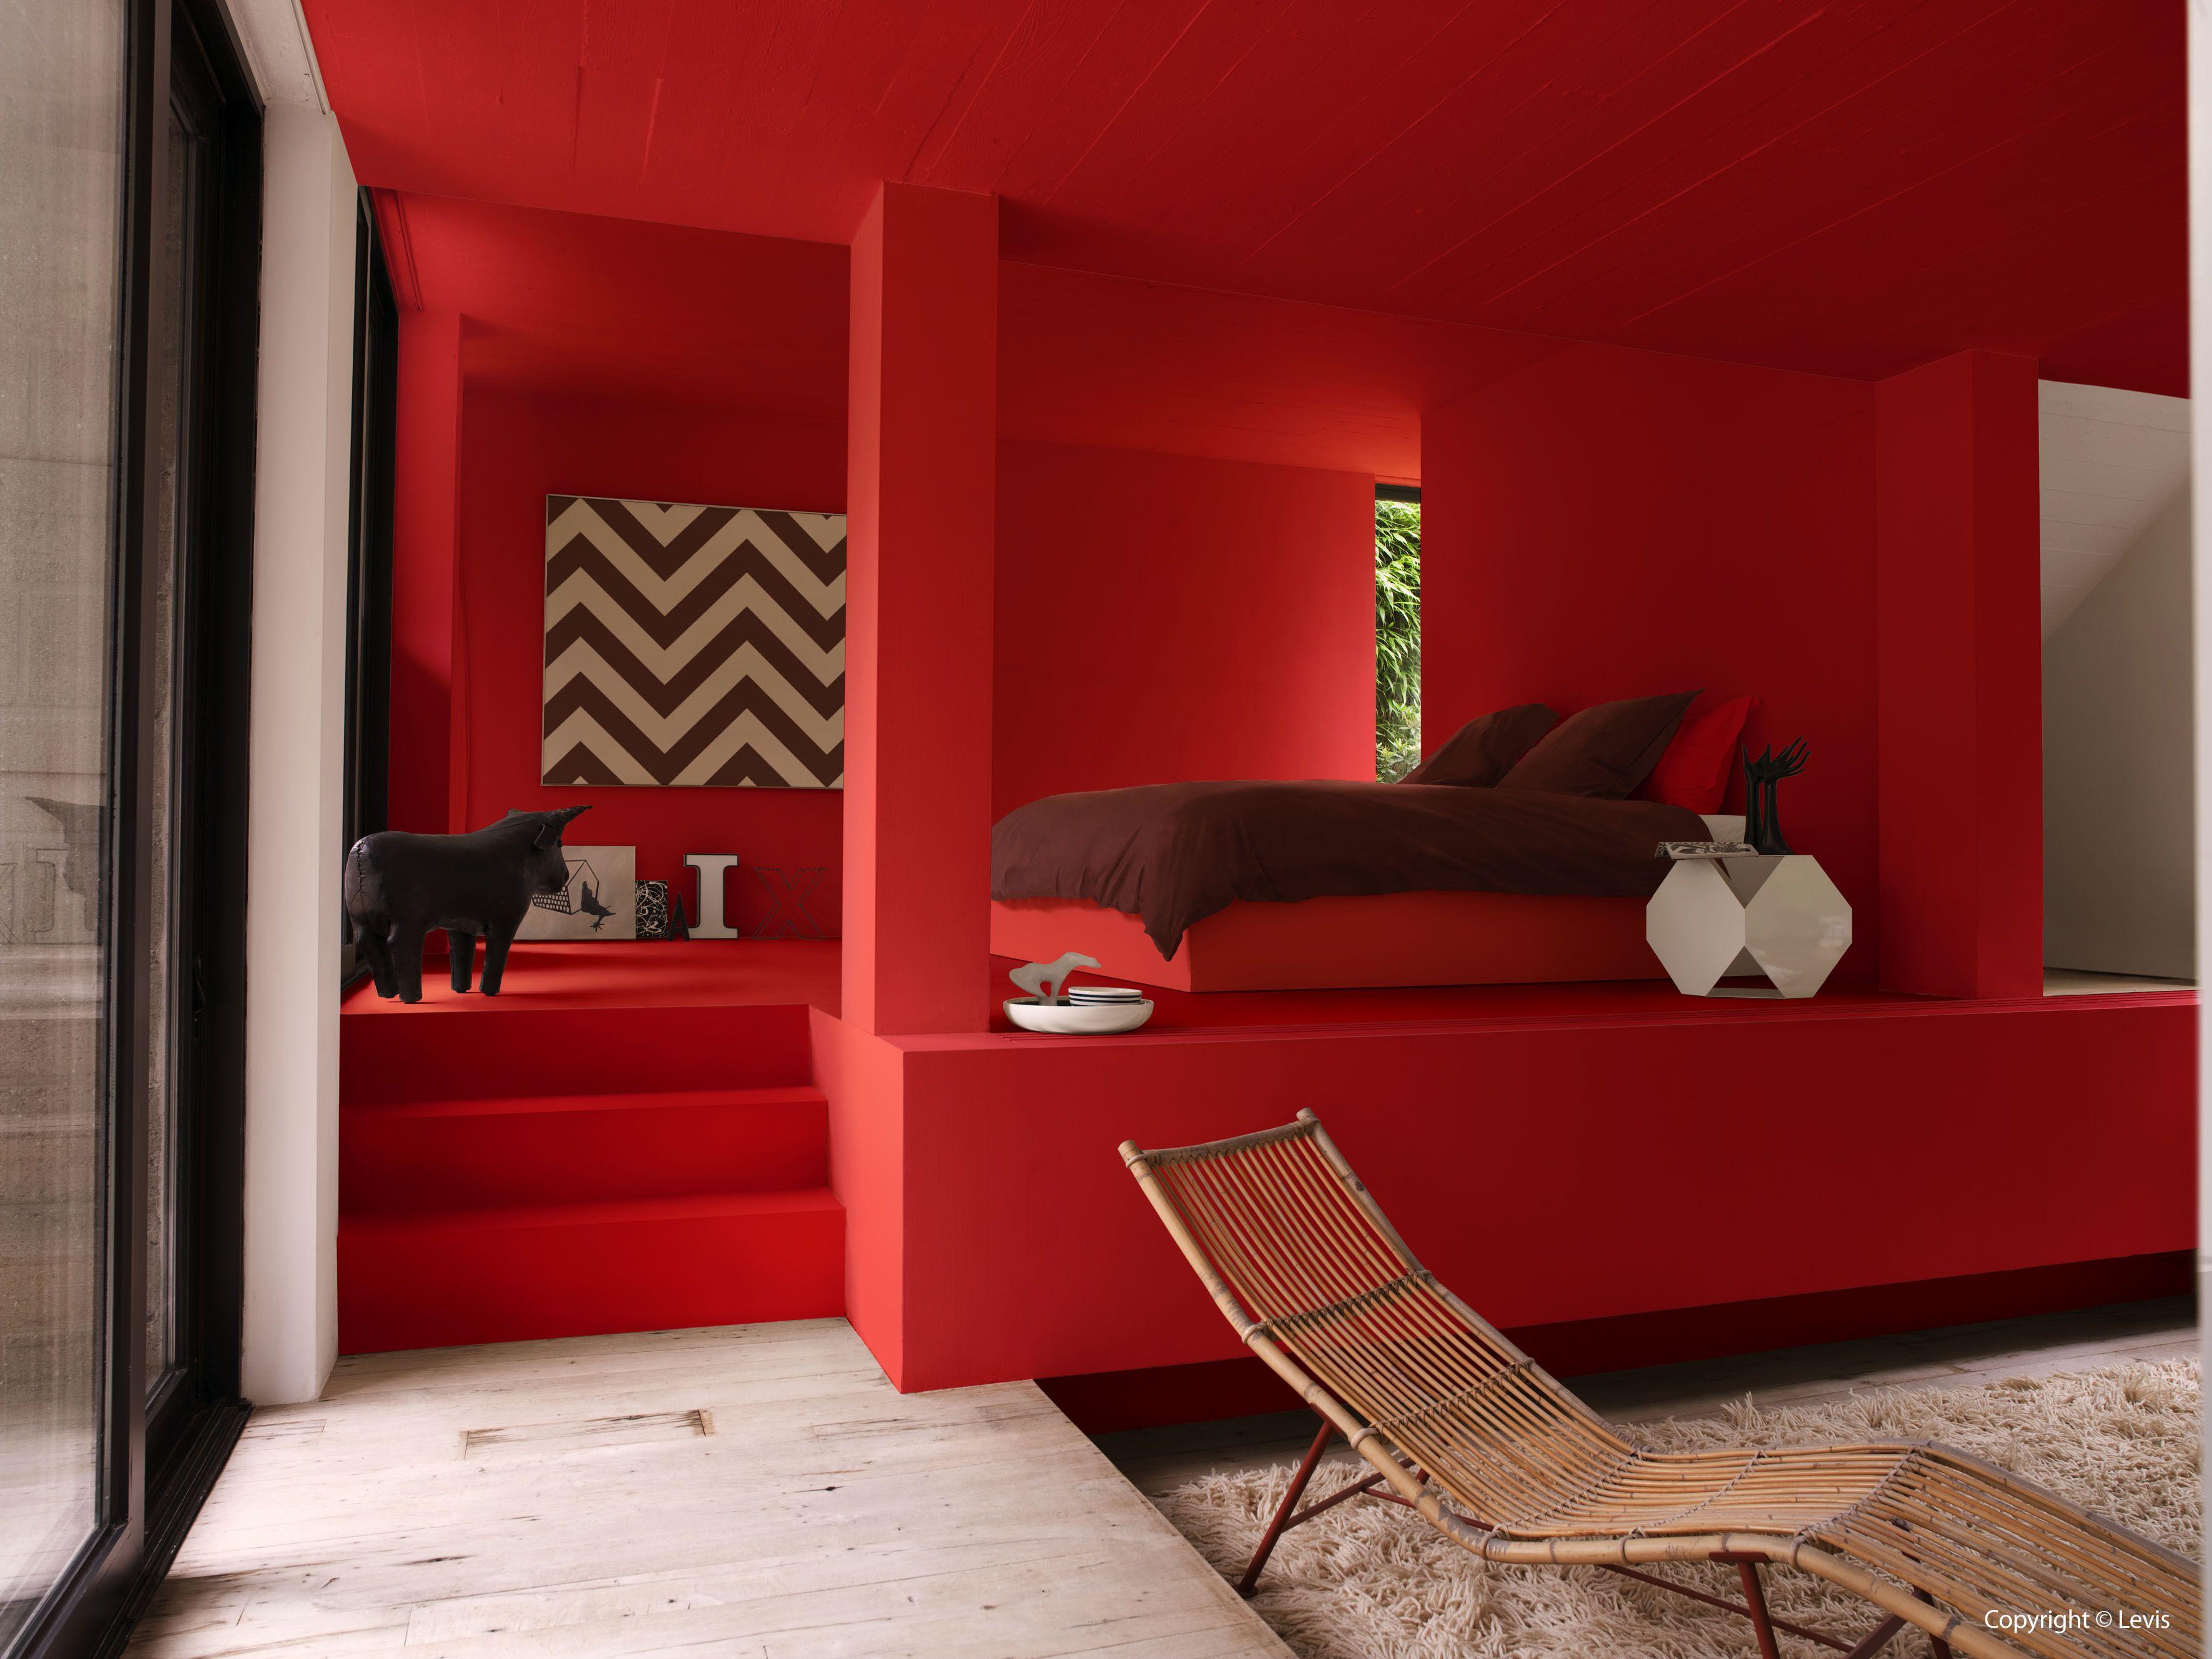 Slaapkamer slaapkamer kleurinspiratie